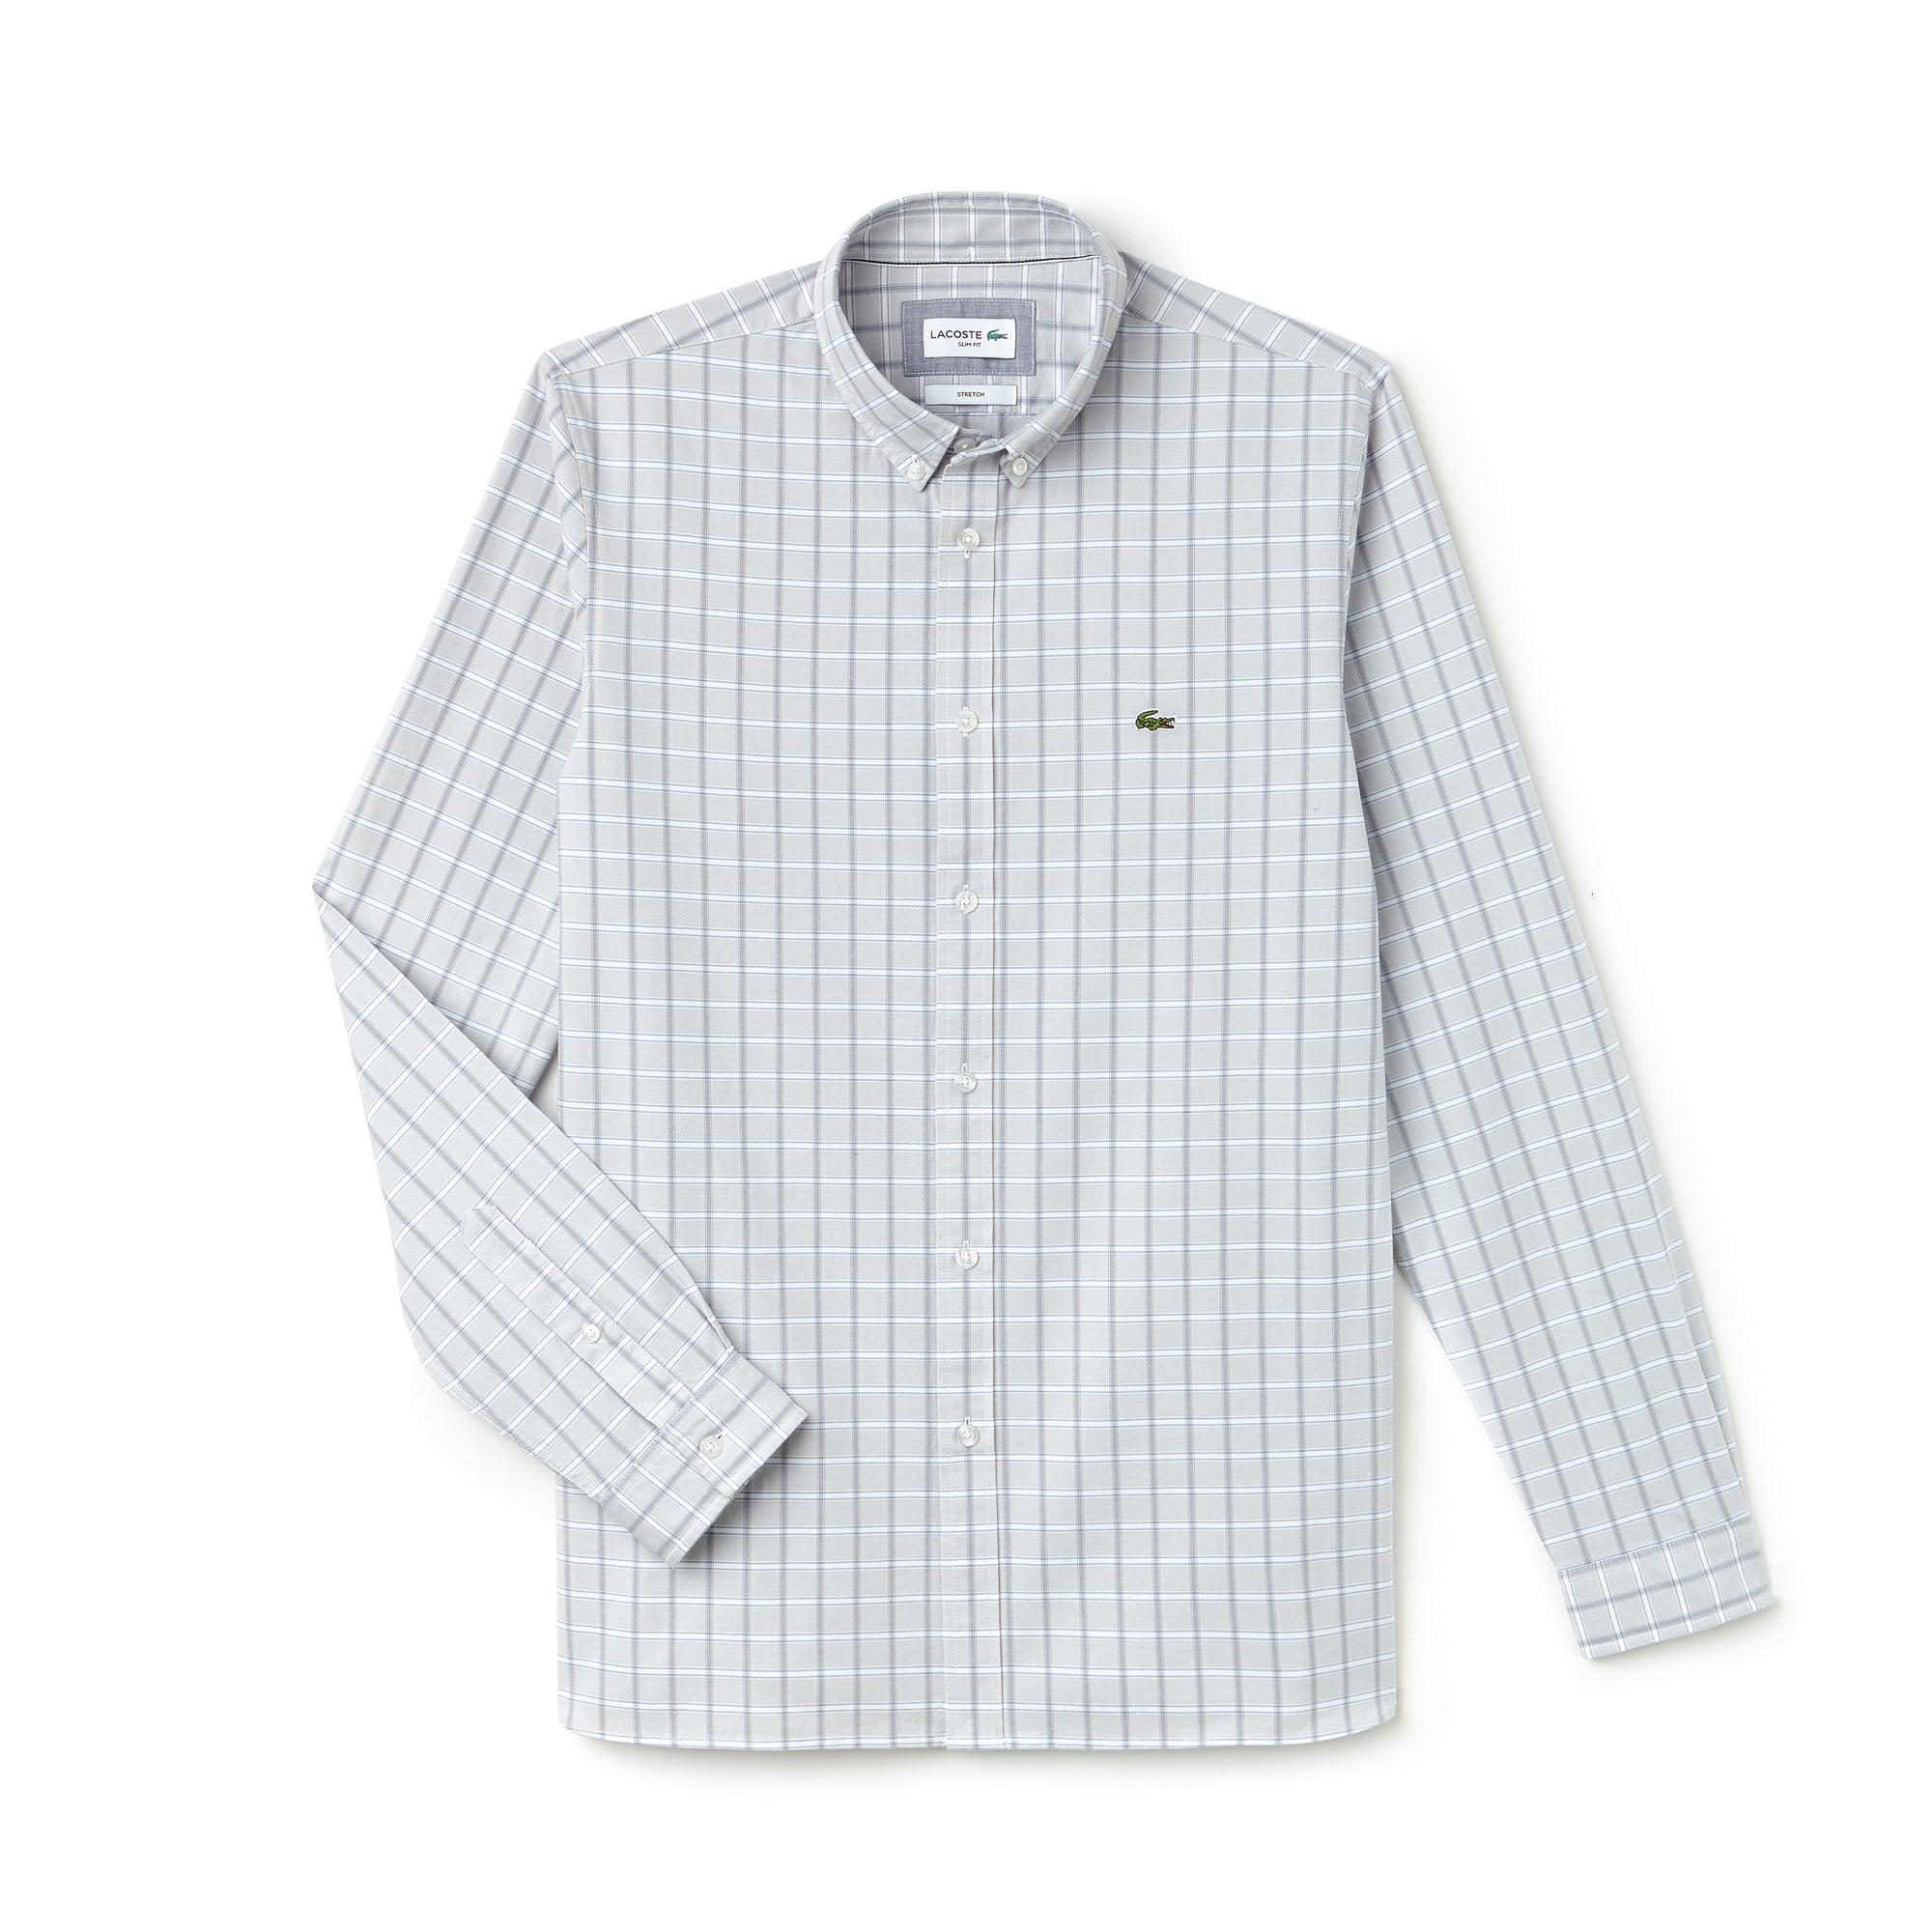 Camisa slim fit de algodón elástico Oxford de cuadros